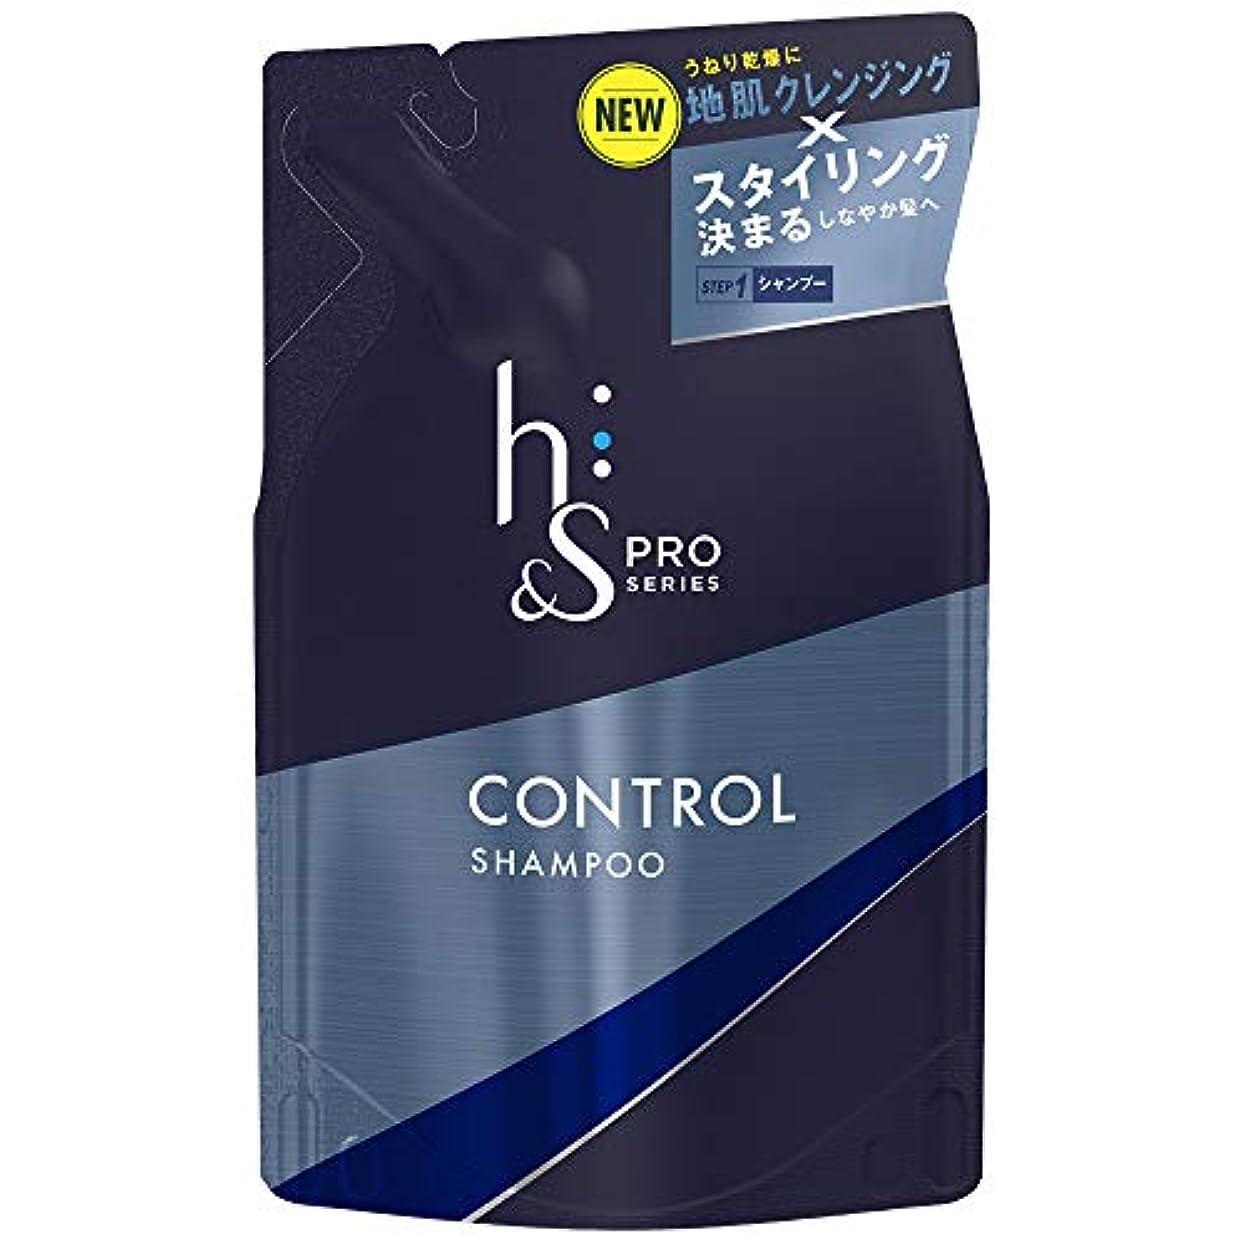 答え何よりも保証金h&s PRO (エイチアンドエス プロ) メンズ シャンプー コントロール 詰め替え (スタイリング重視) 300mL